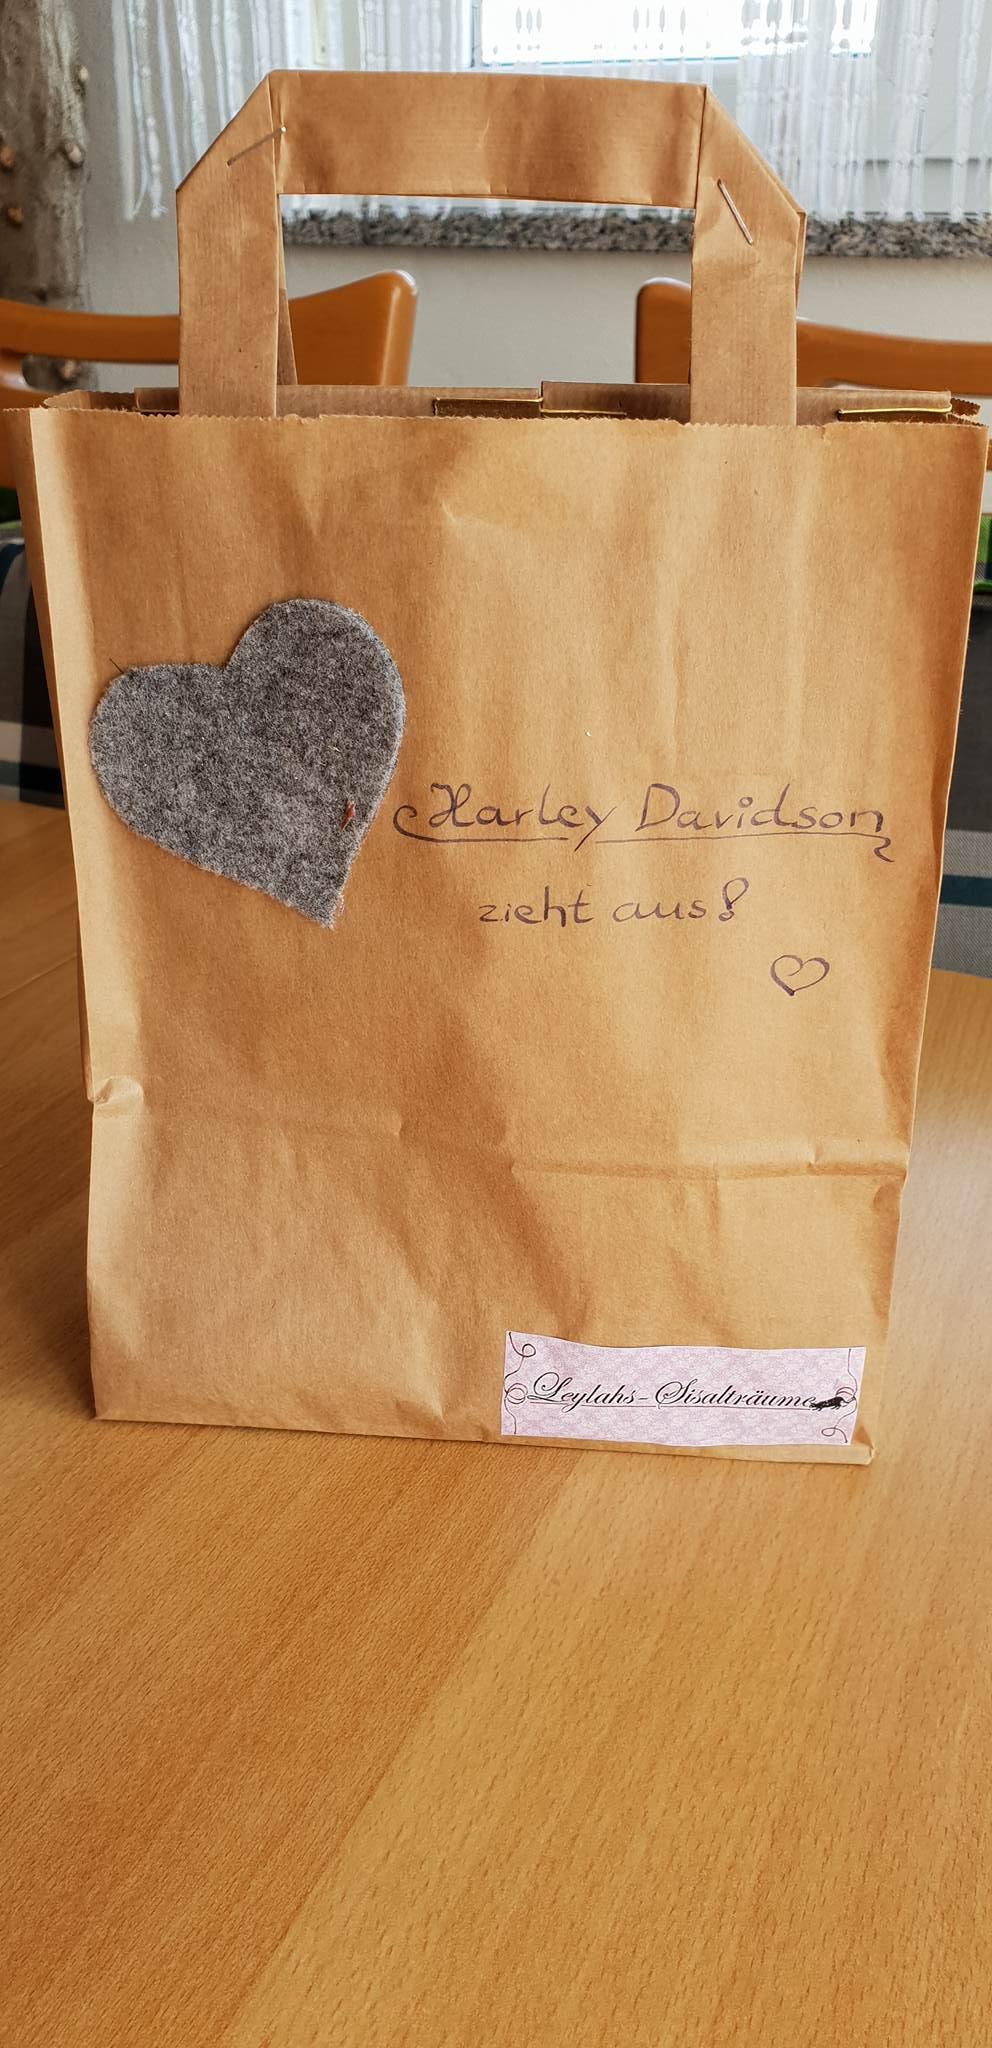 Mit diesem Kitten-Paket von Leylahs-Sisalträume zog der Süße ein.